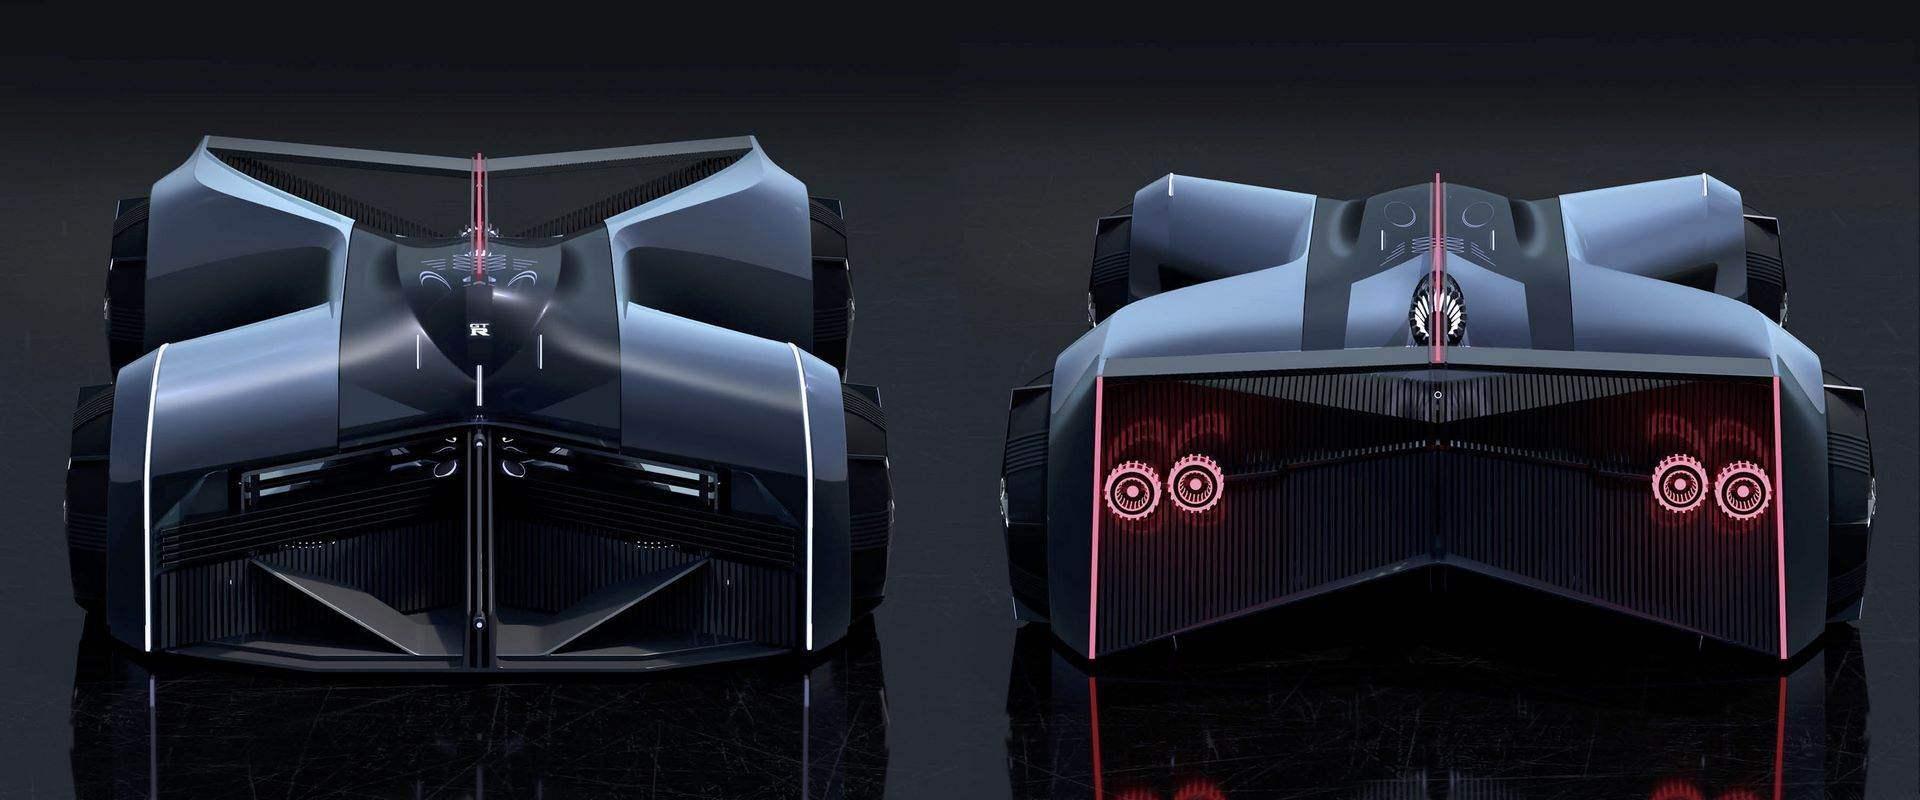 Nissan-GT-R-X-2050-Concept-28